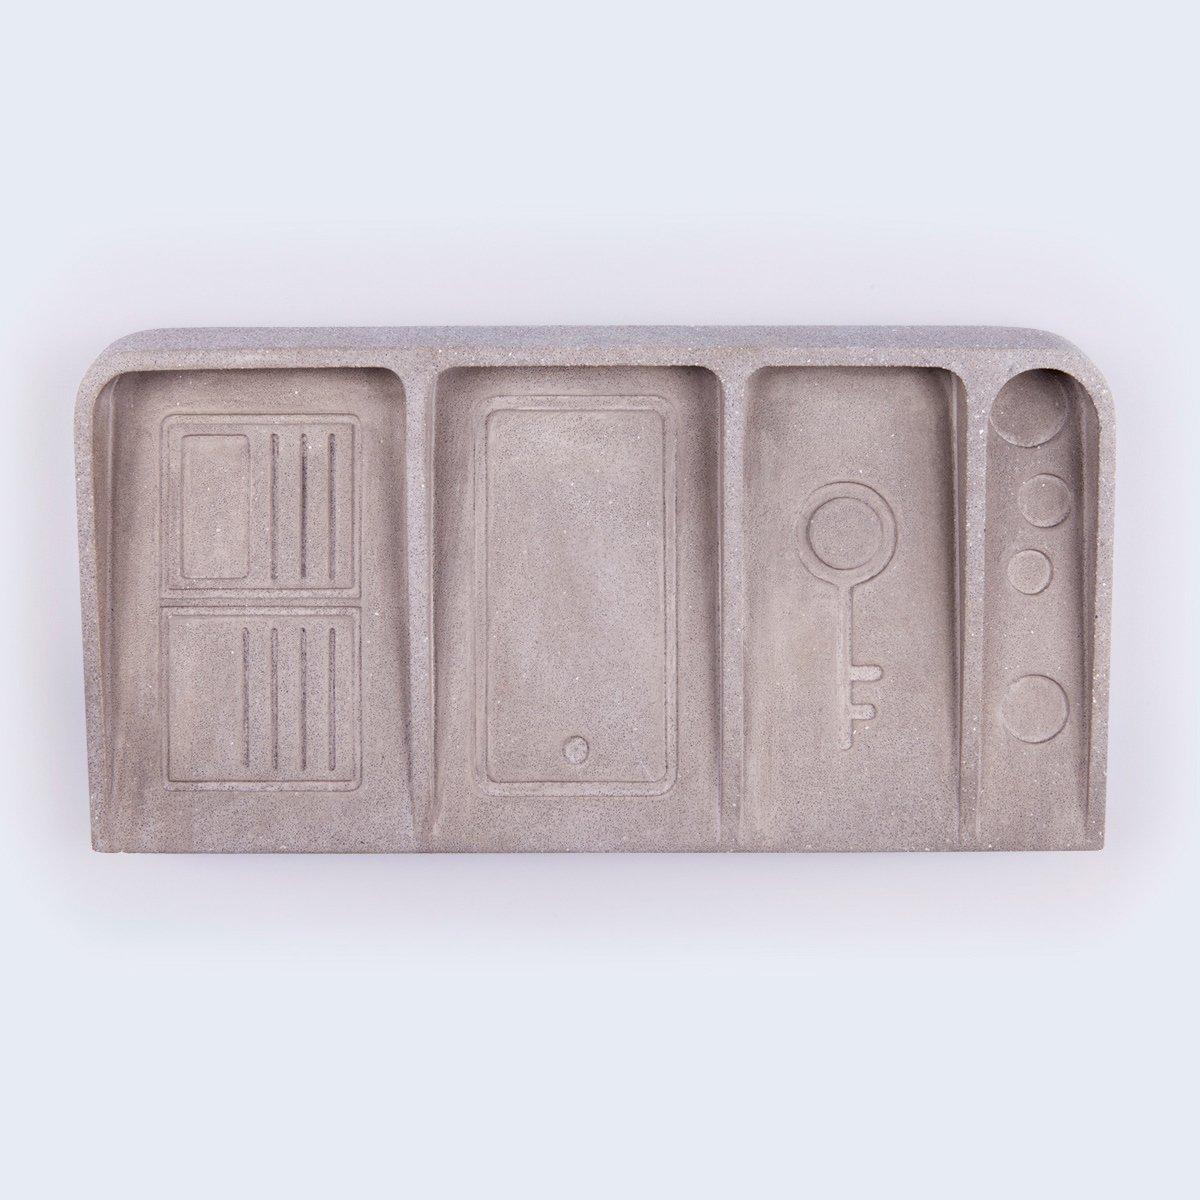 Vide-poche en béton de la maison Doiy